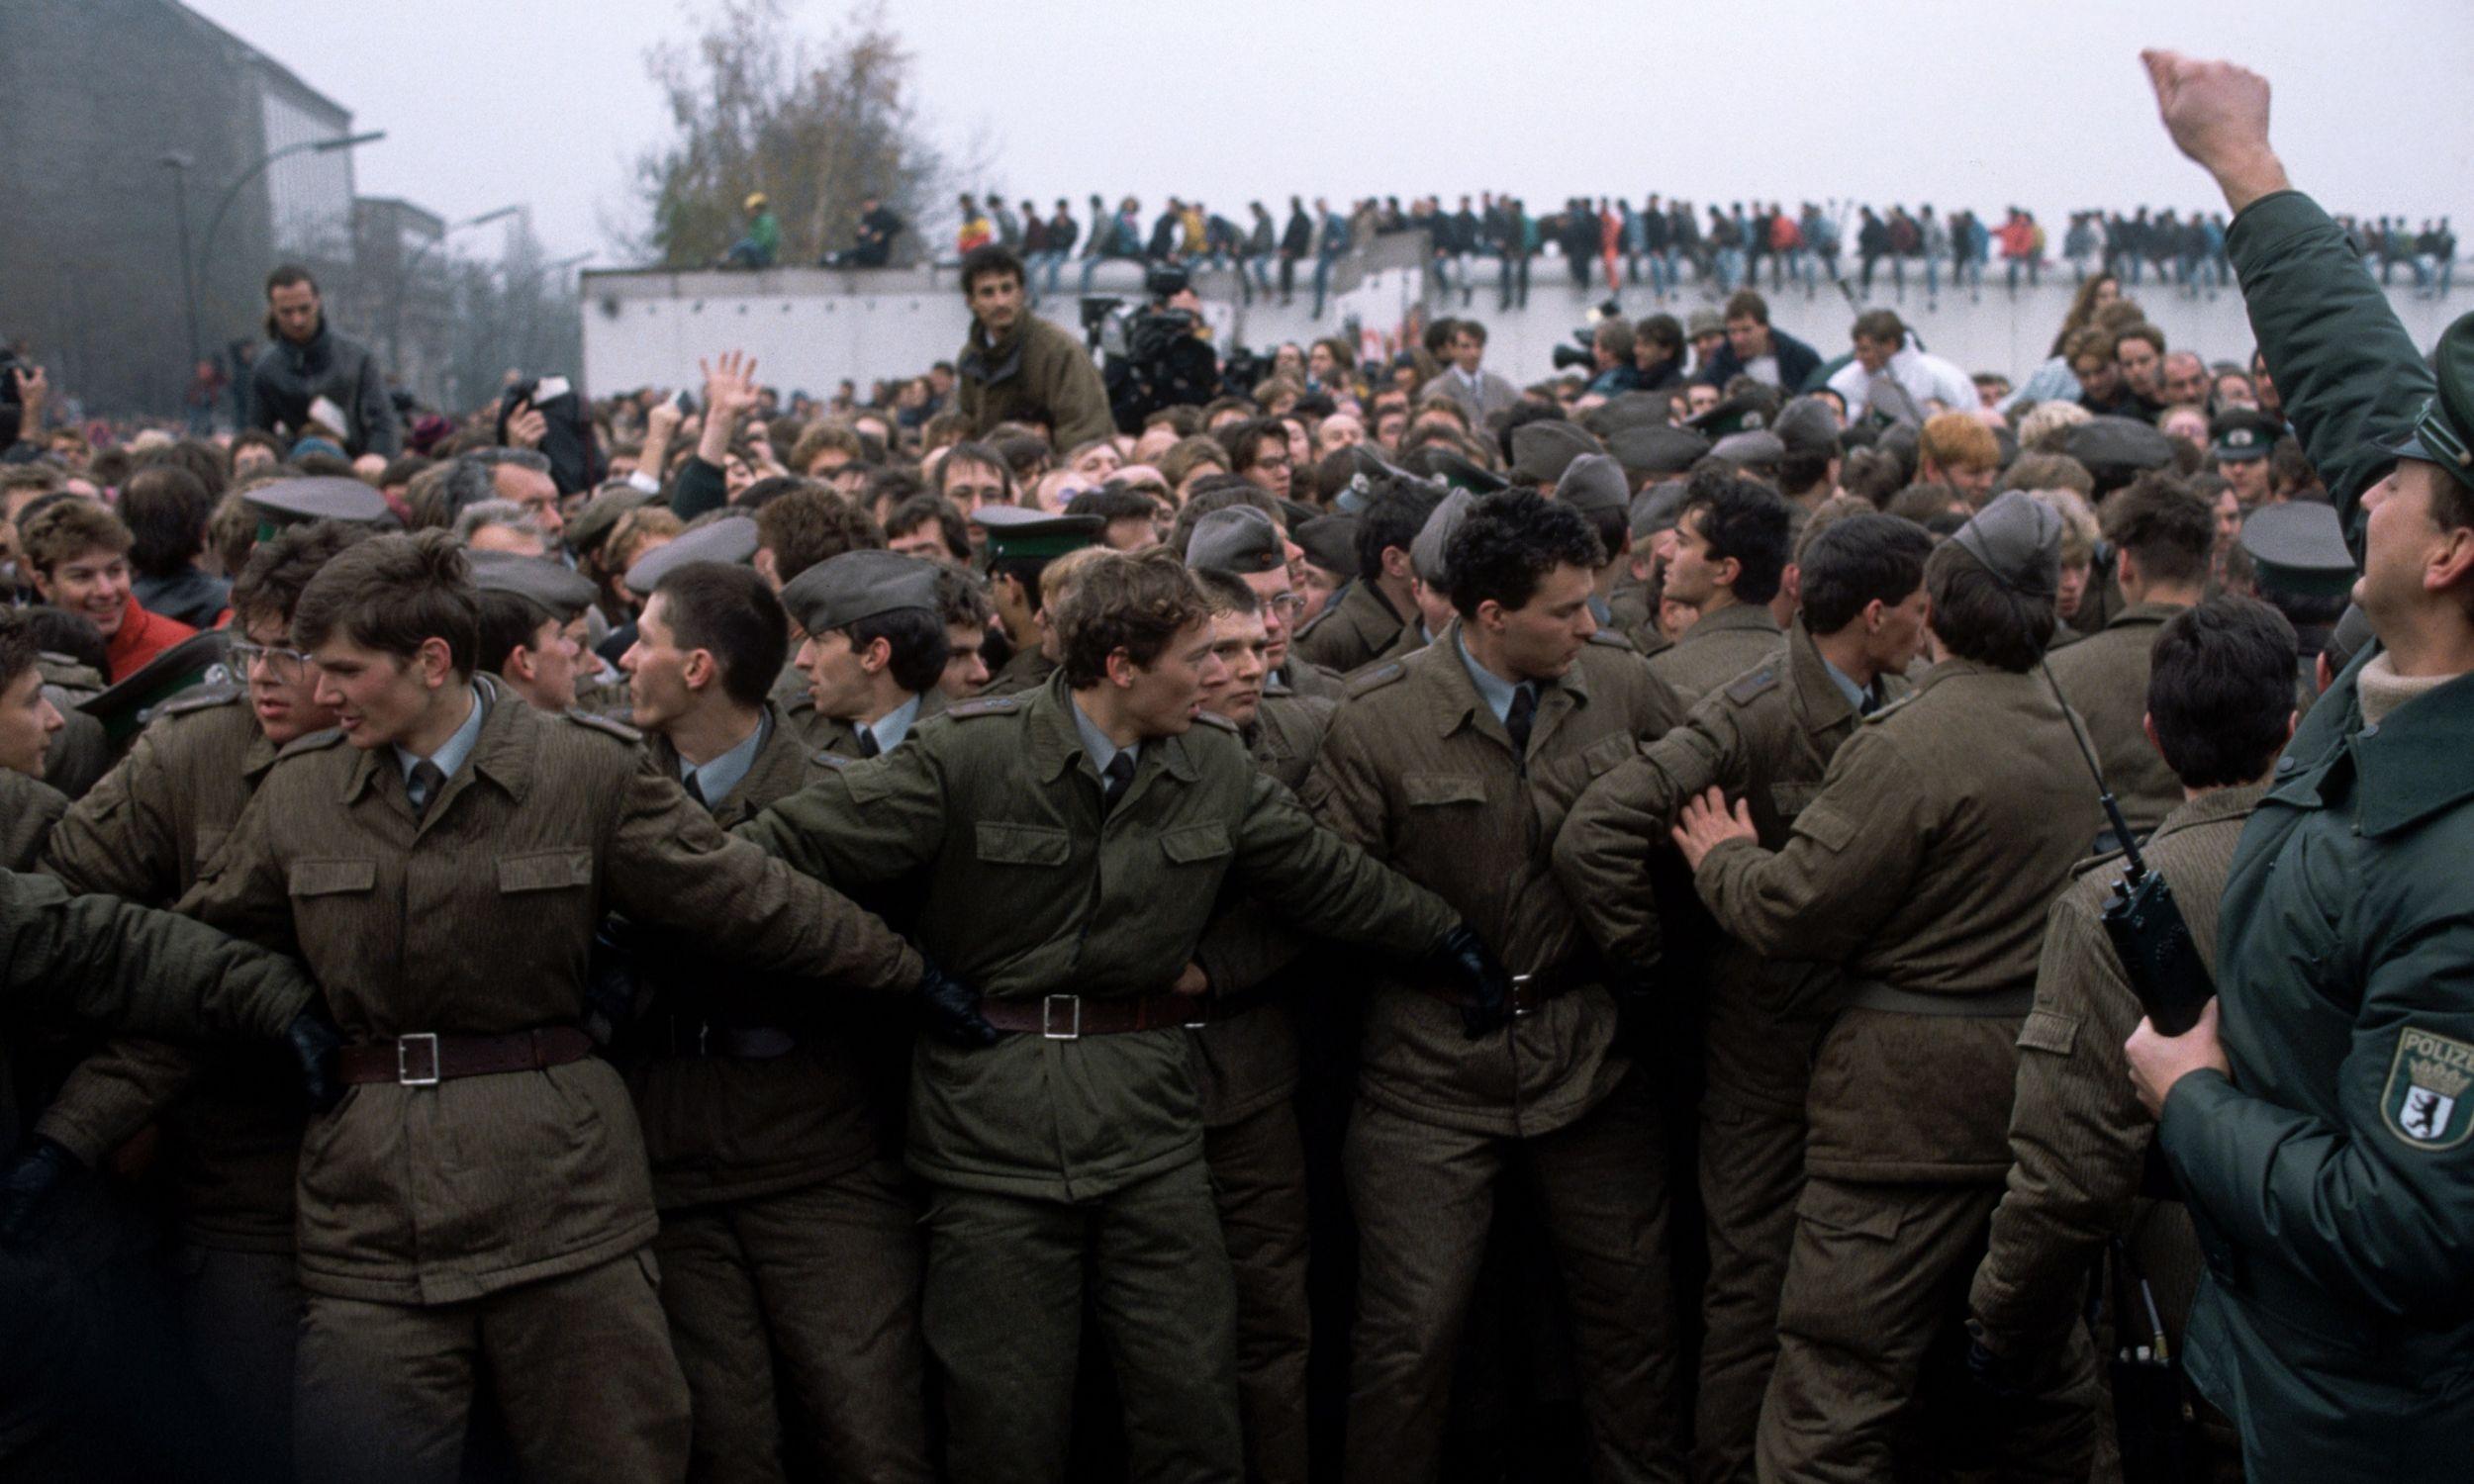 Strażnicy graniczni i tłumy przy murze berlińskim, po otwarciu granic między RFN a NRD. 1989 rok. Fot. Peter Turnley/Corbis/VCG via Getty Images